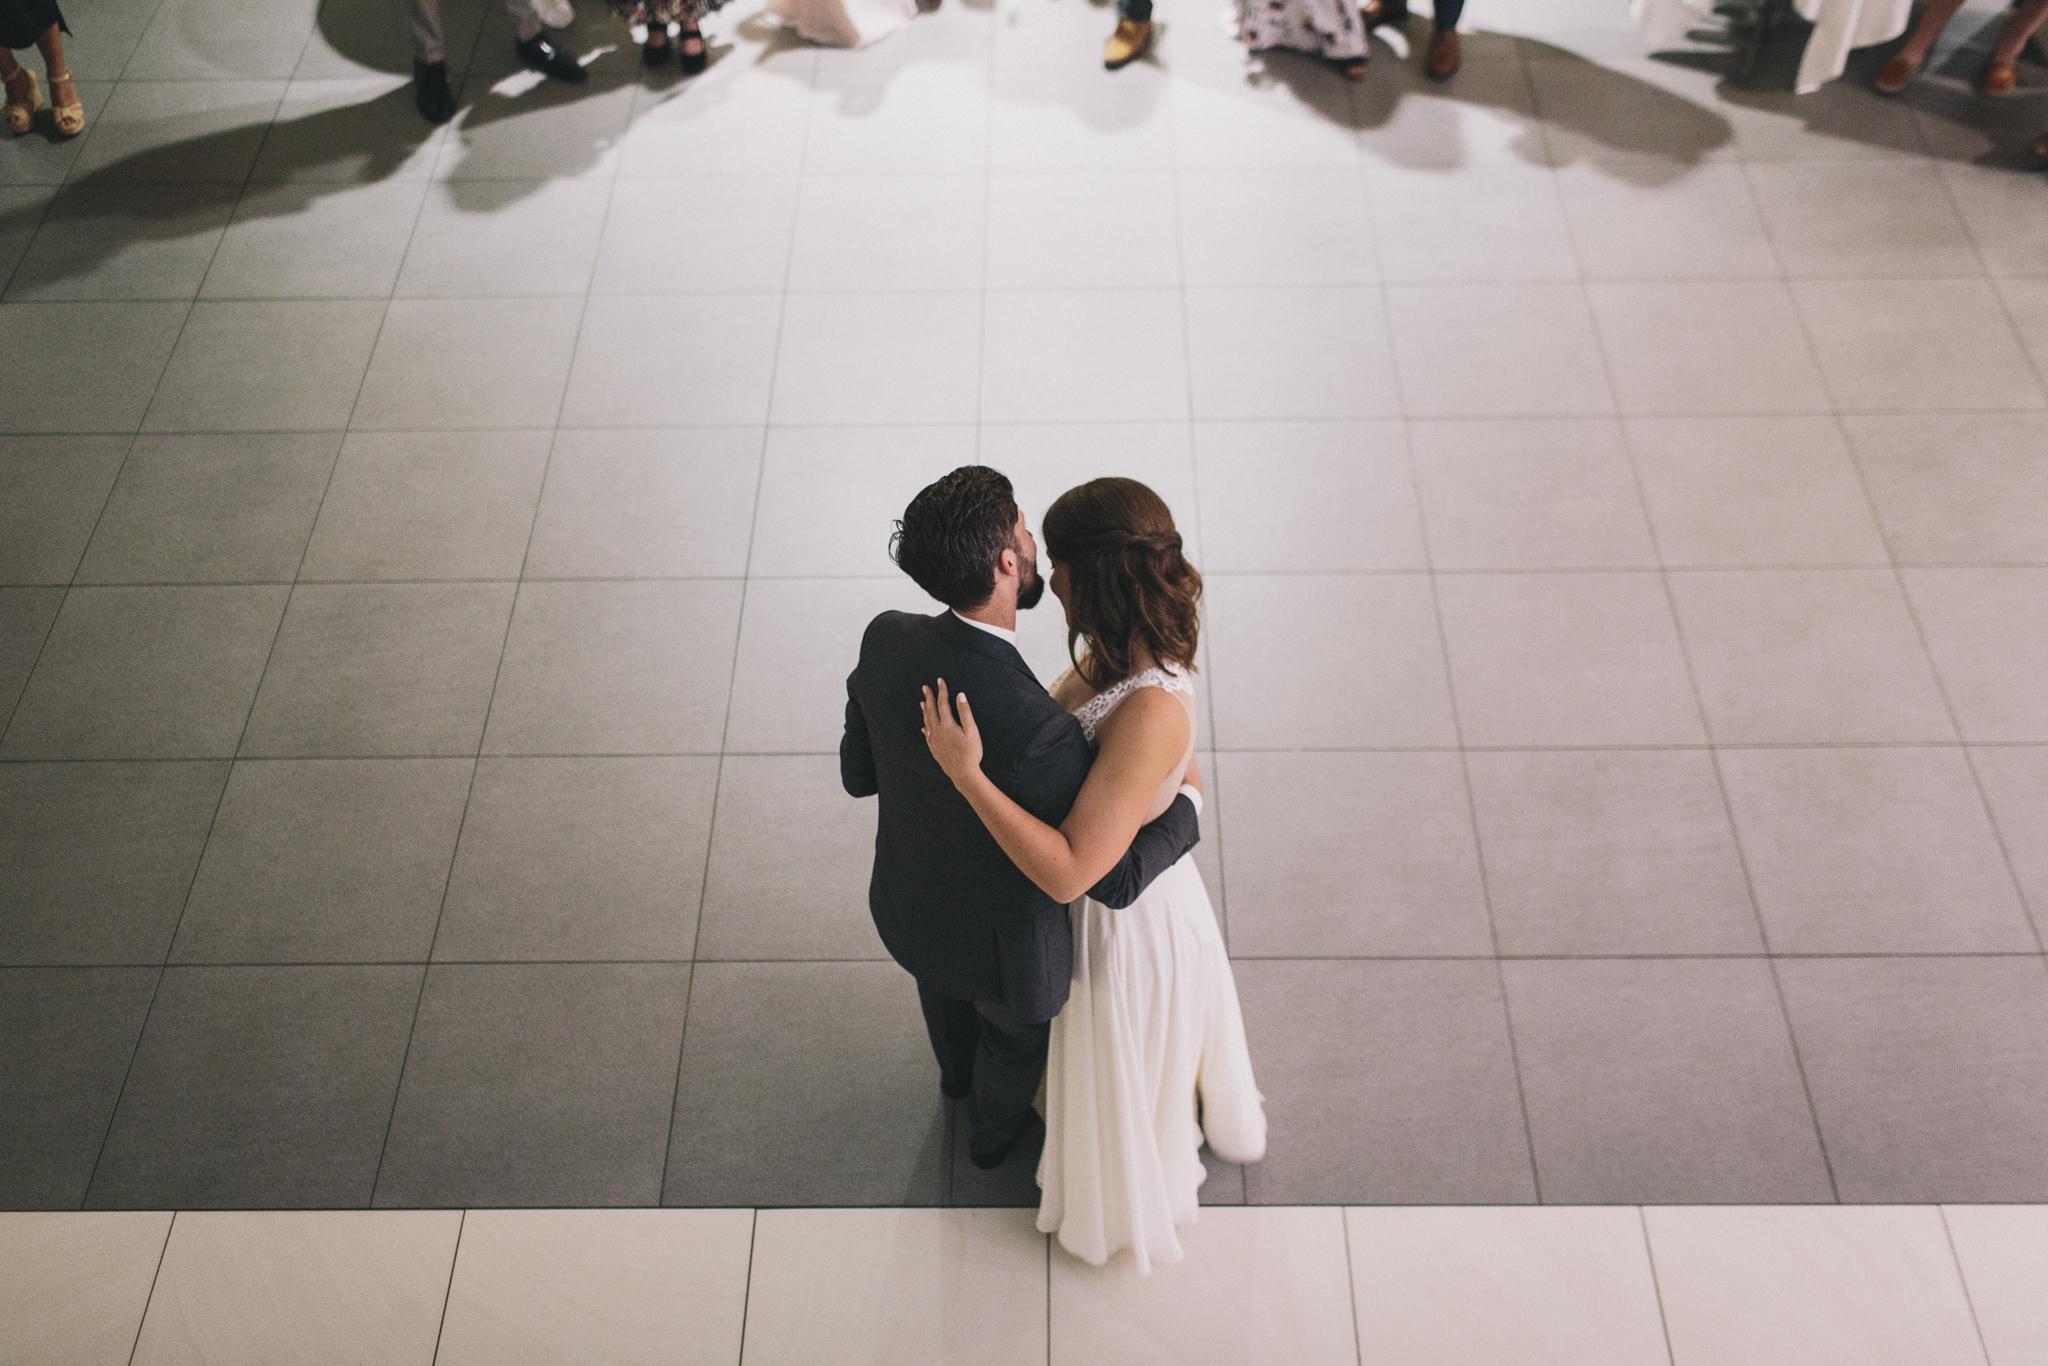 harlan_megmike_wedding_112.jpg